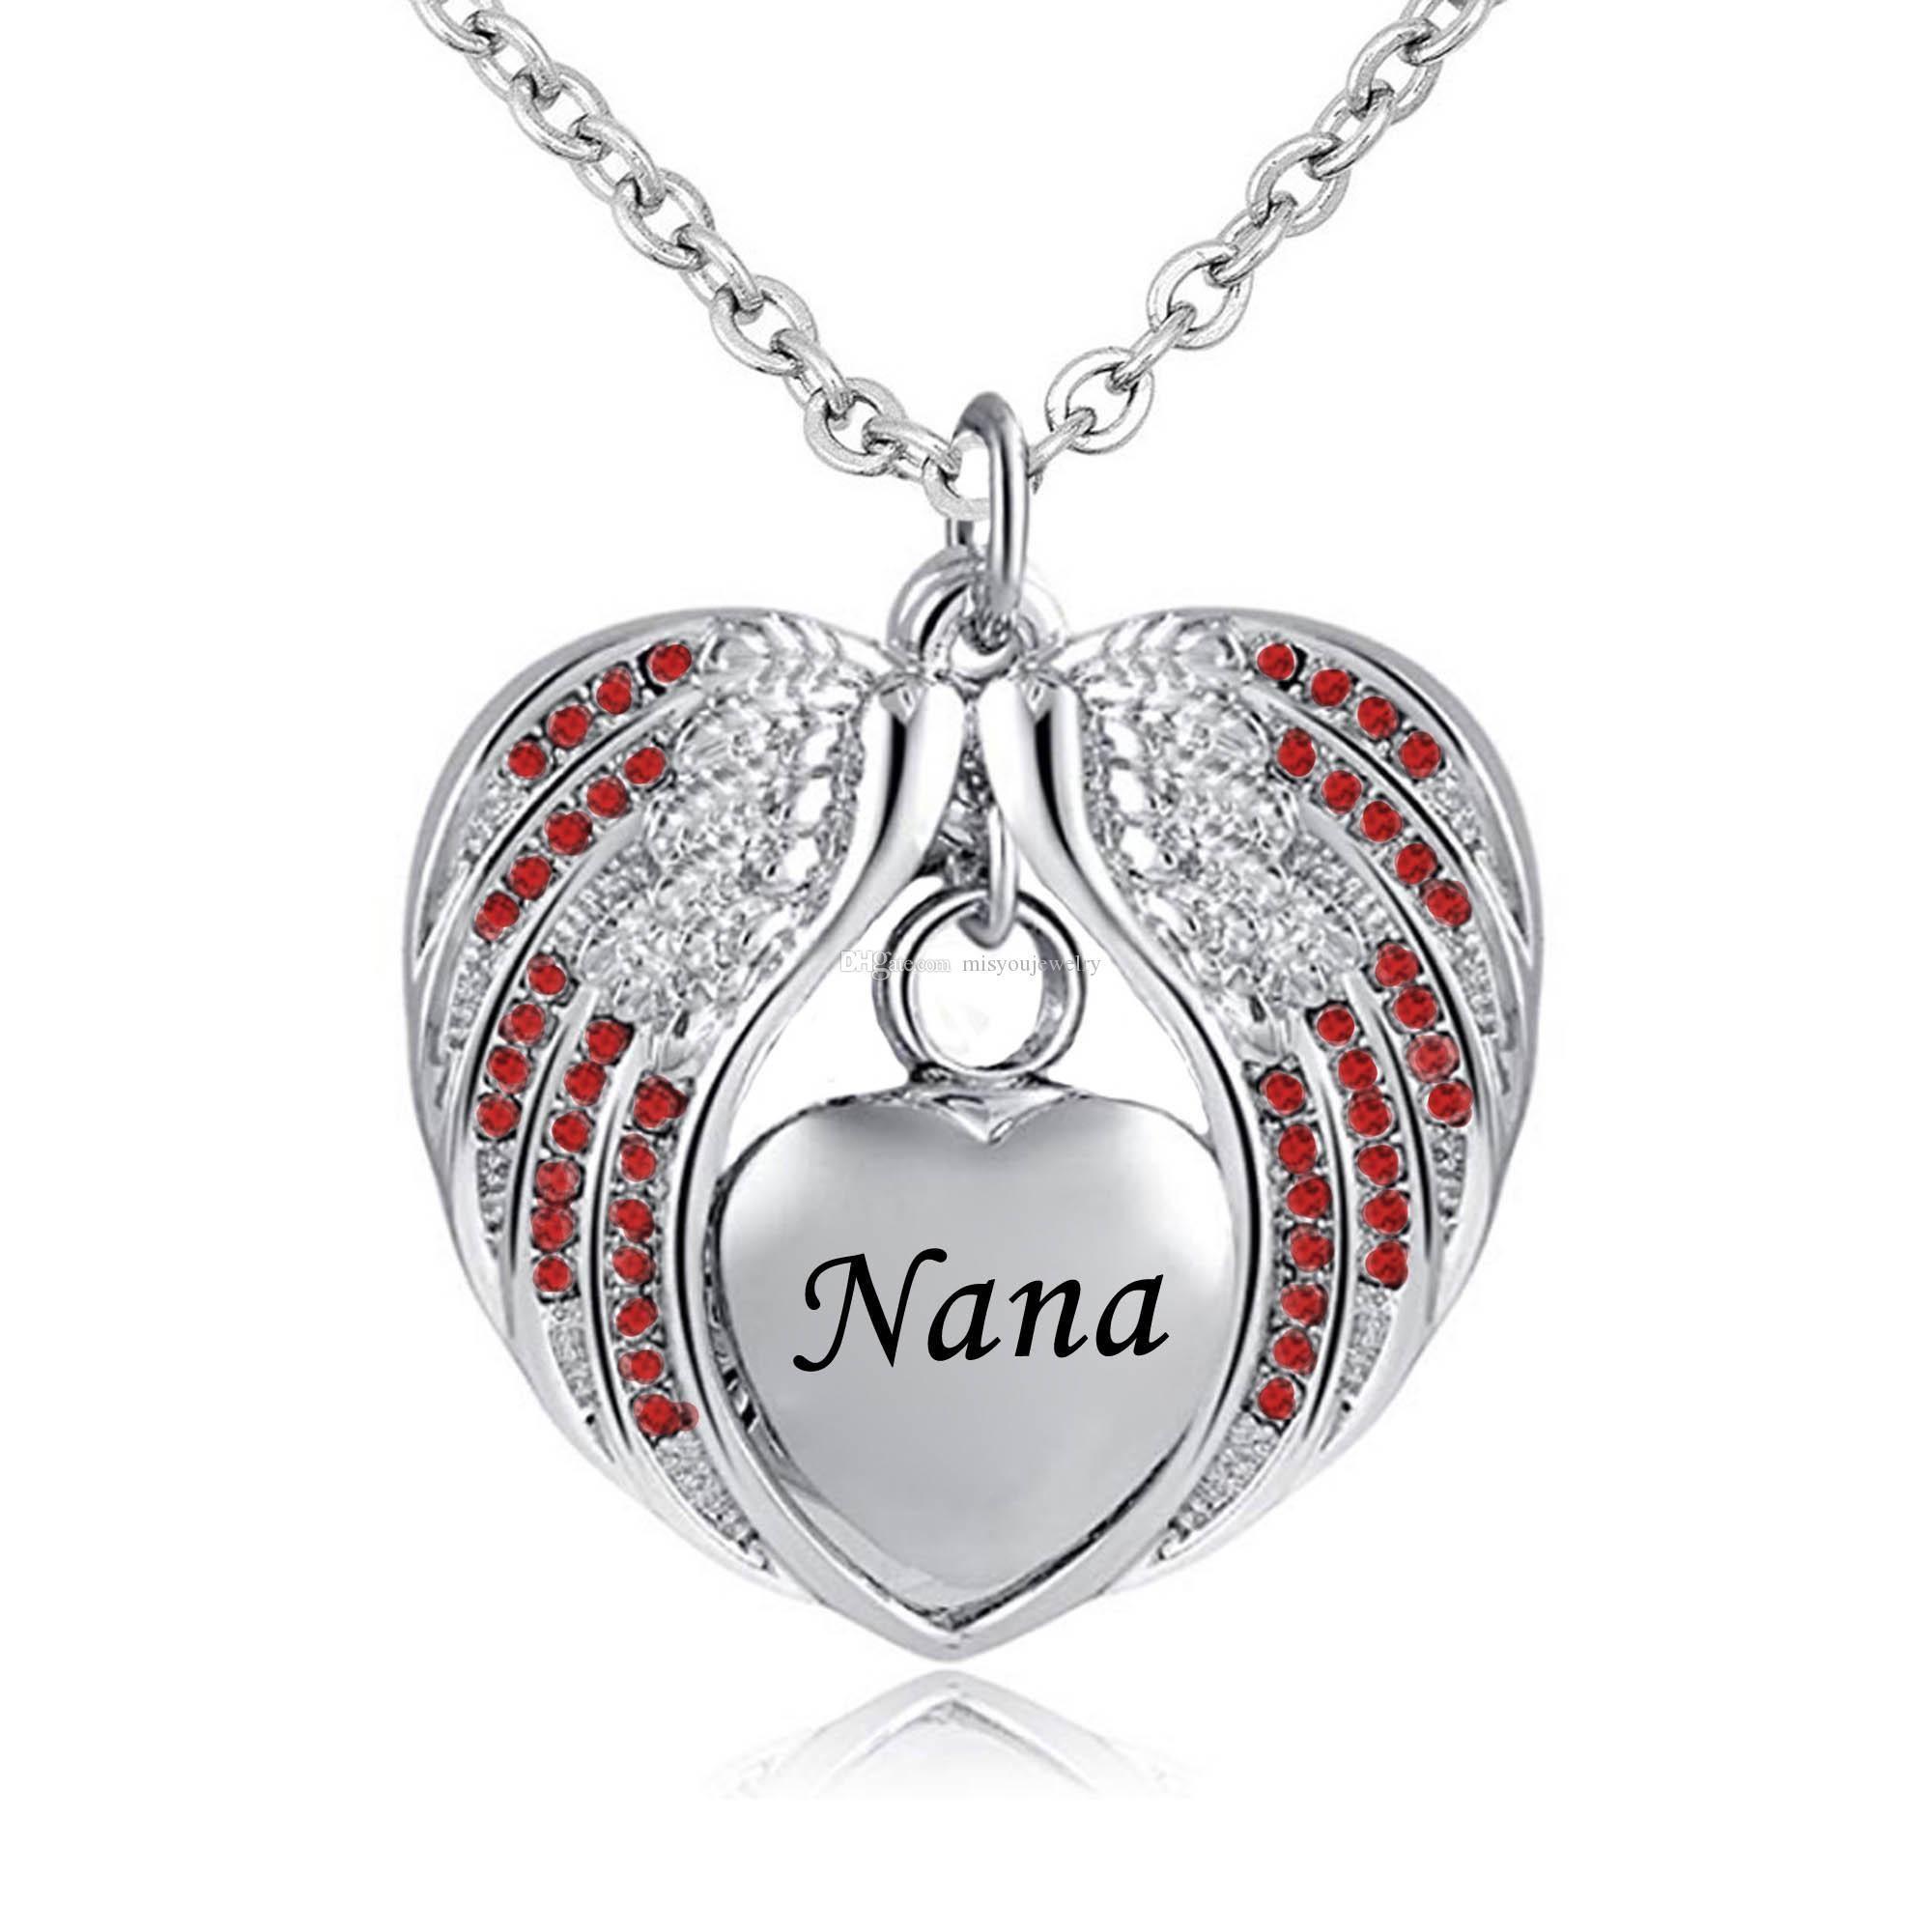 Piedra de nacimiento del encanto pendiente del acero inoxidable Memorial Urna collar impermeable del ala del ángel del recuerdo de la joyería de la cremación para nana